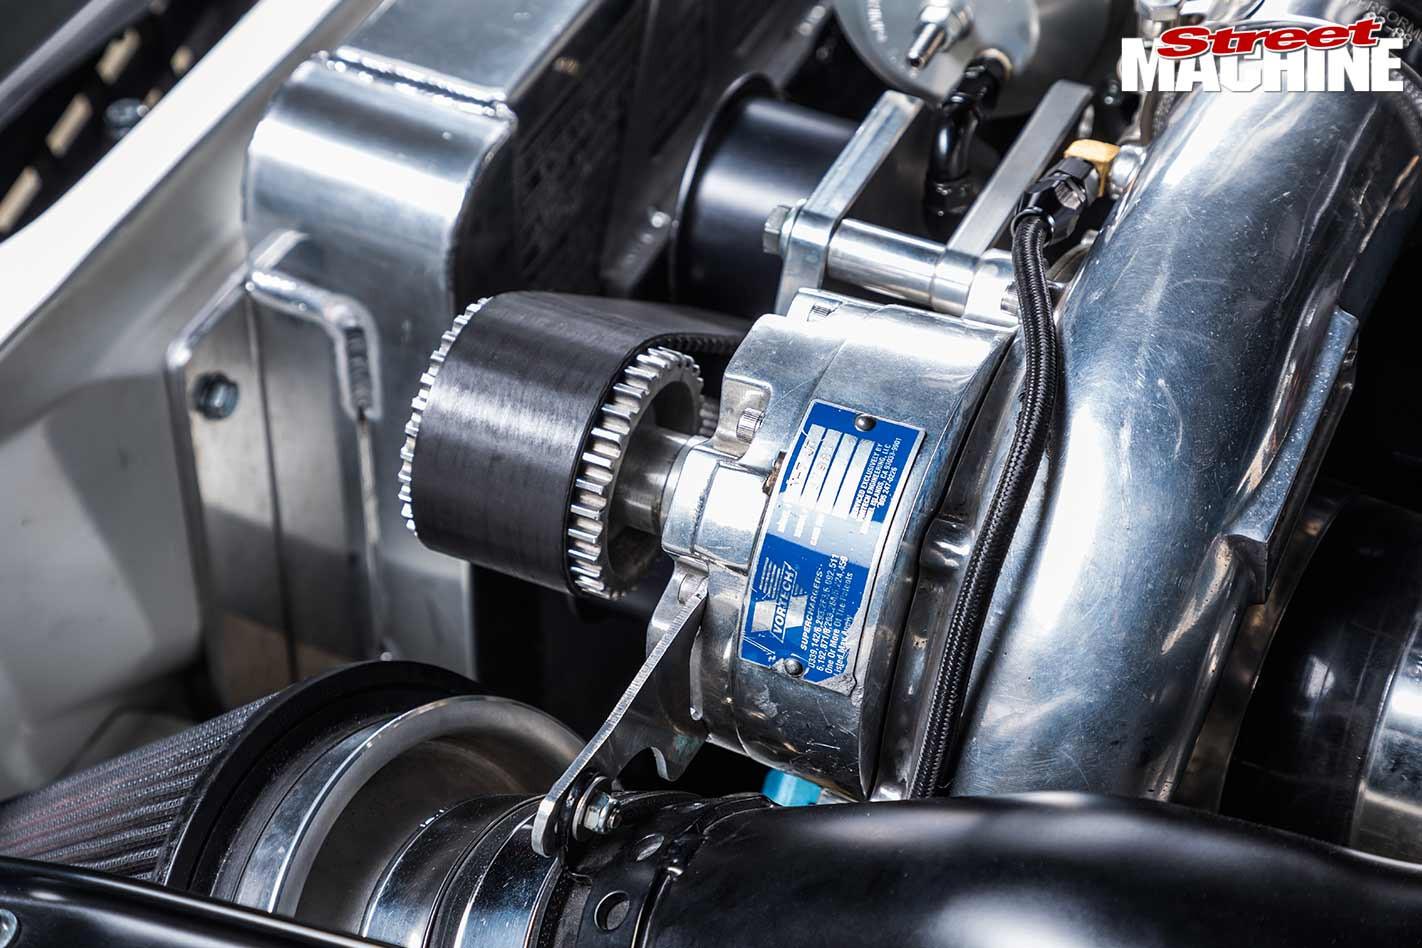 Holden Torana LX engine